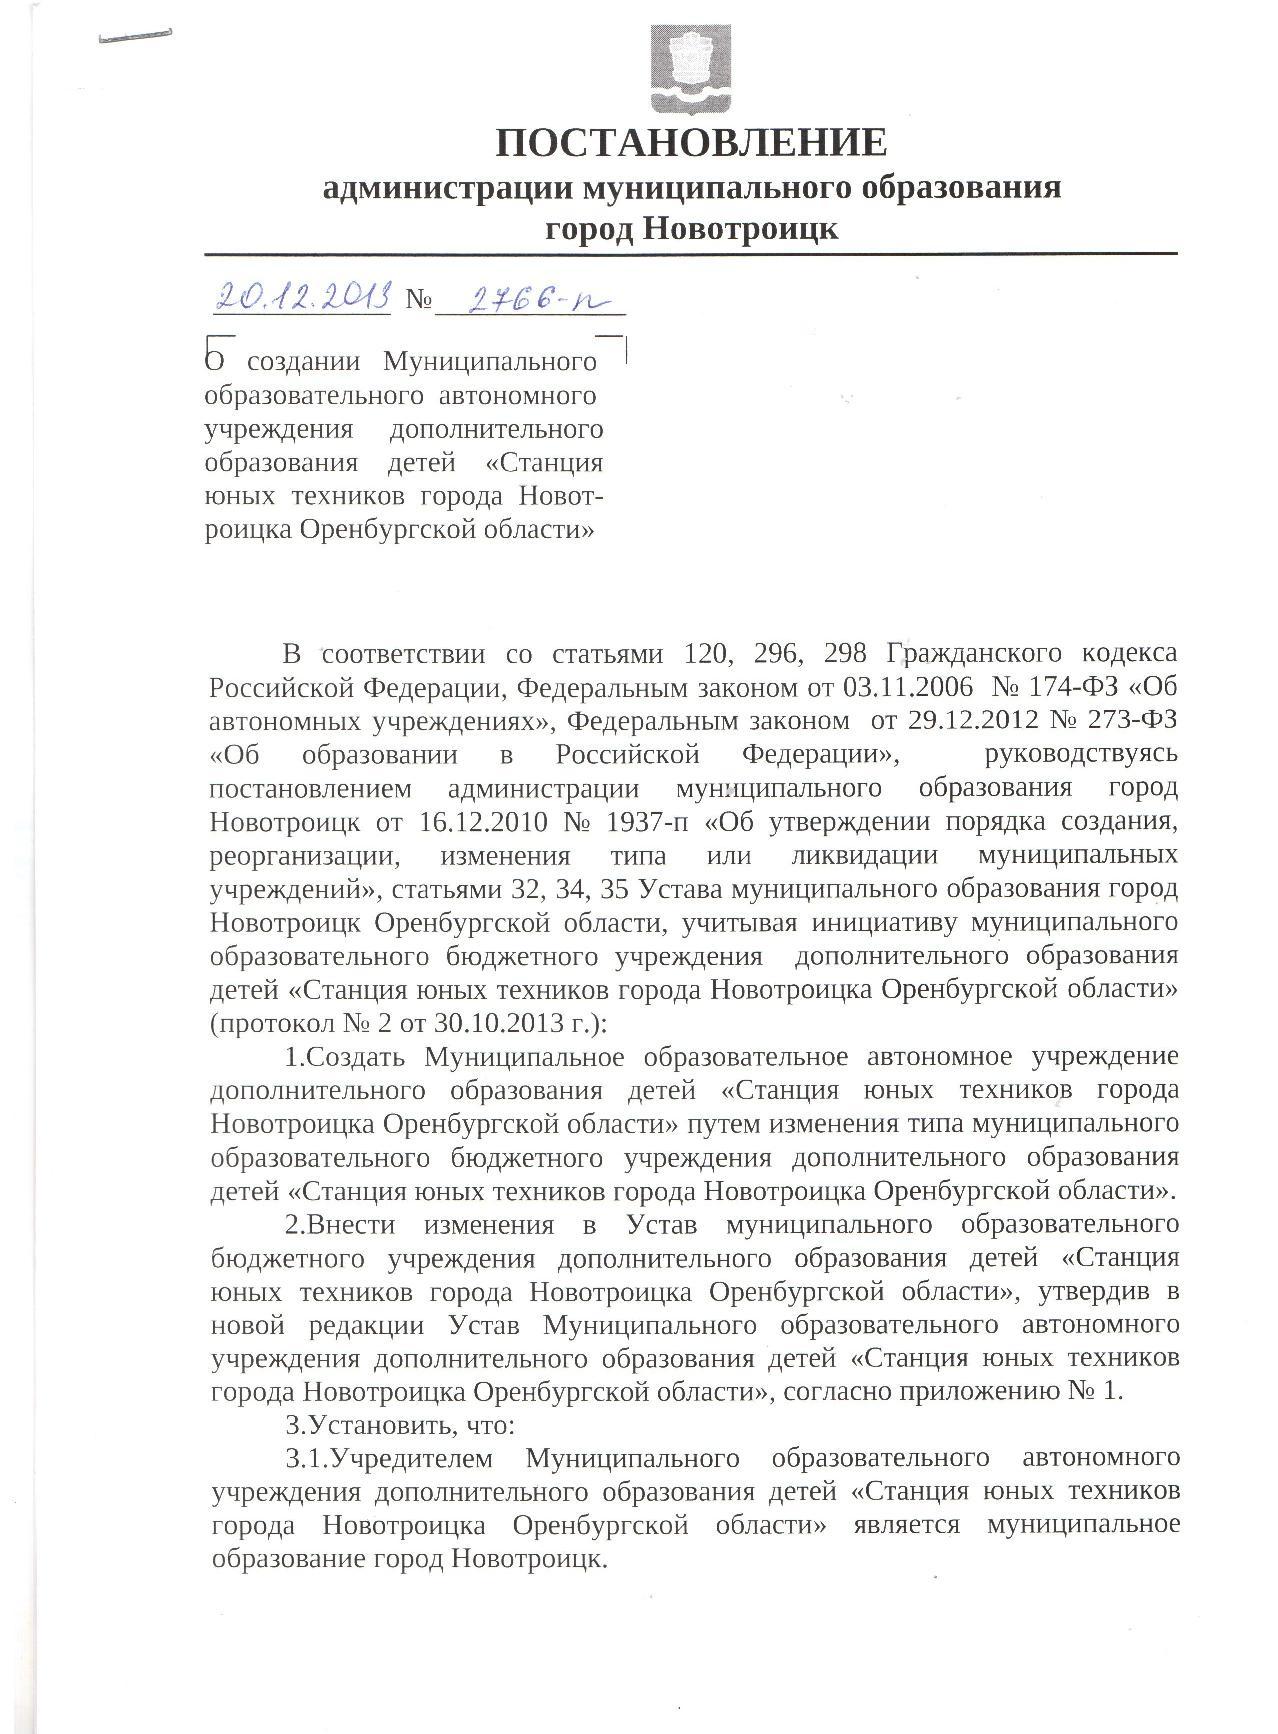 Постановление о создании автономного учреждения-001